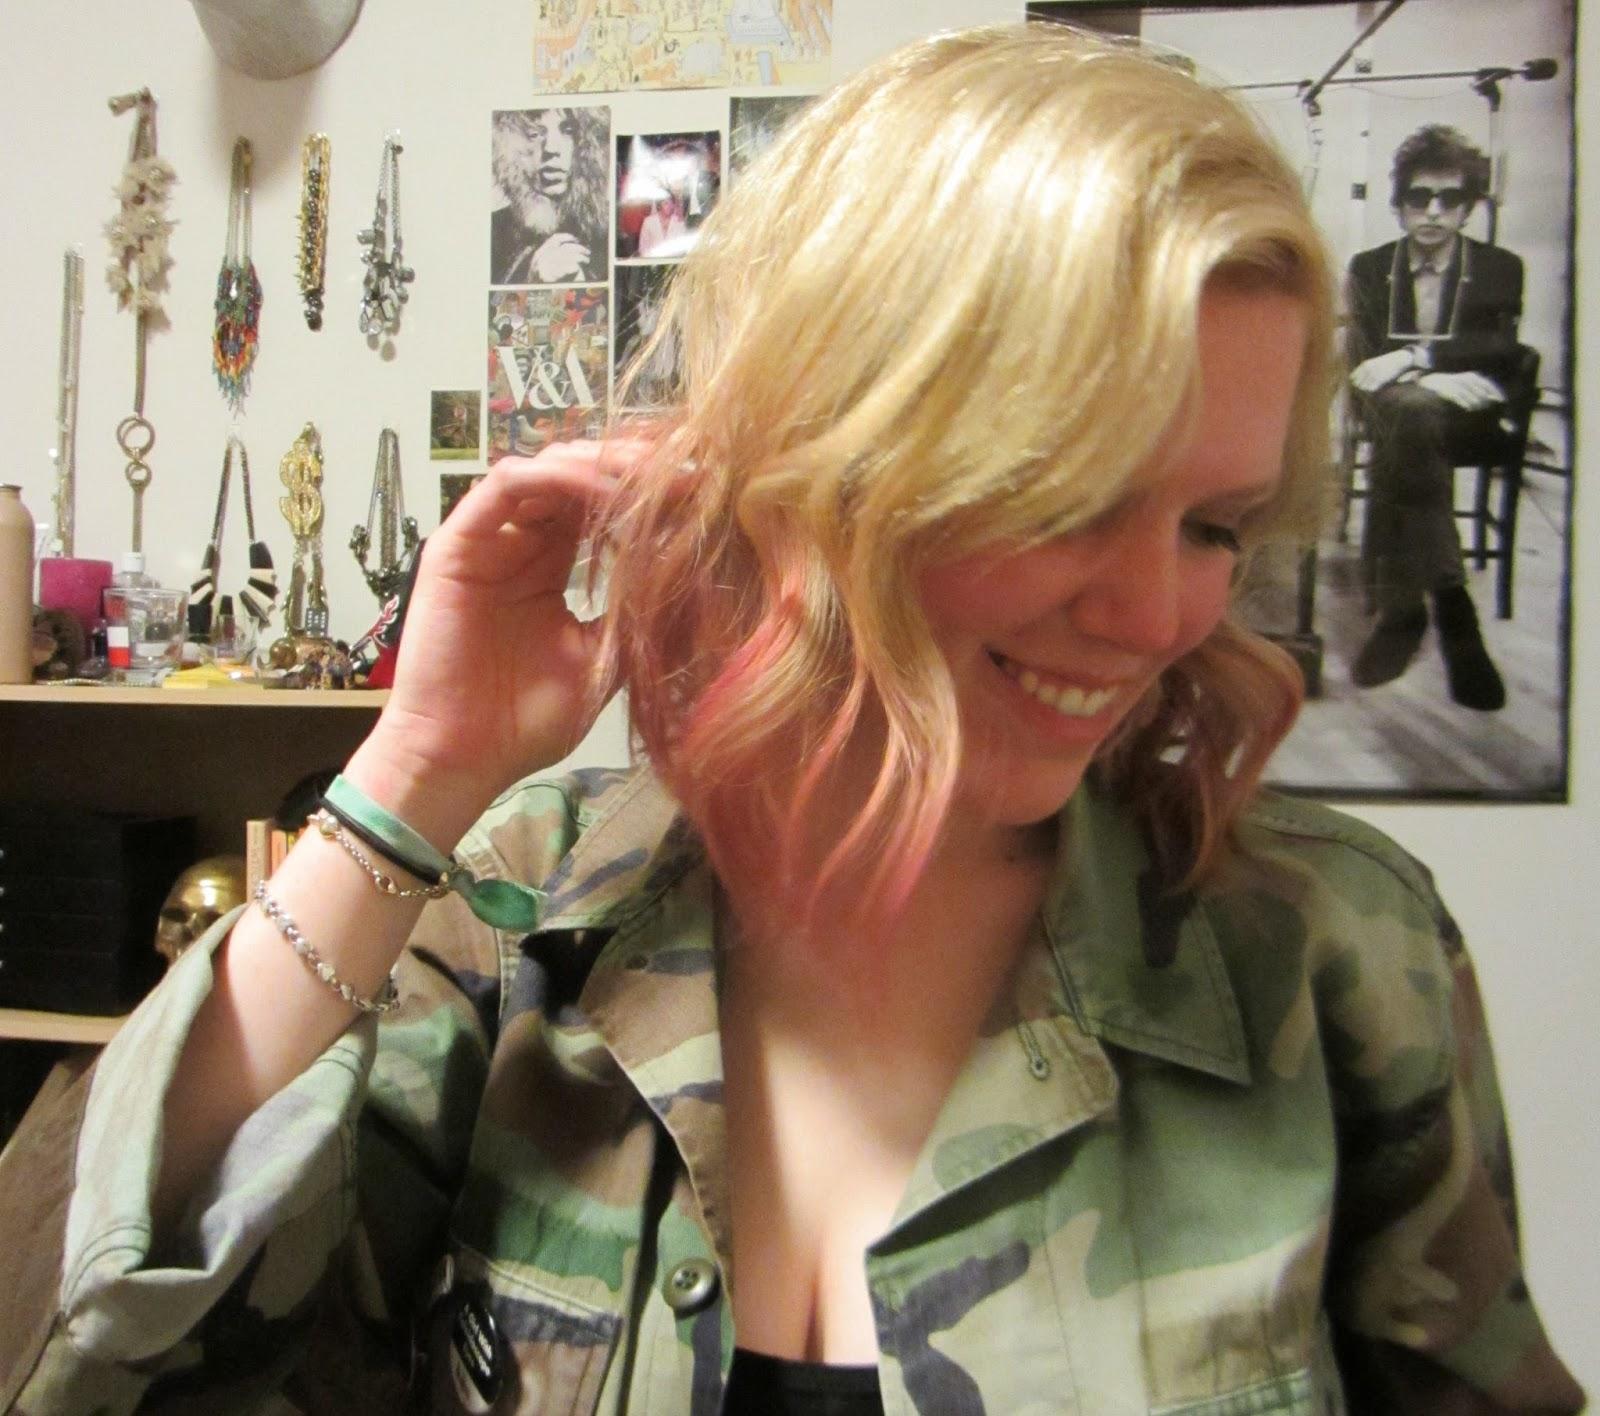 http://2.bp.blogspot.com/-_CvlaHEVa7Q/UUN9lGpo8YI/AAAAAAAAEqA/SCMyzfT7DXo/s1600/DRG_Pink+Hair.jpg